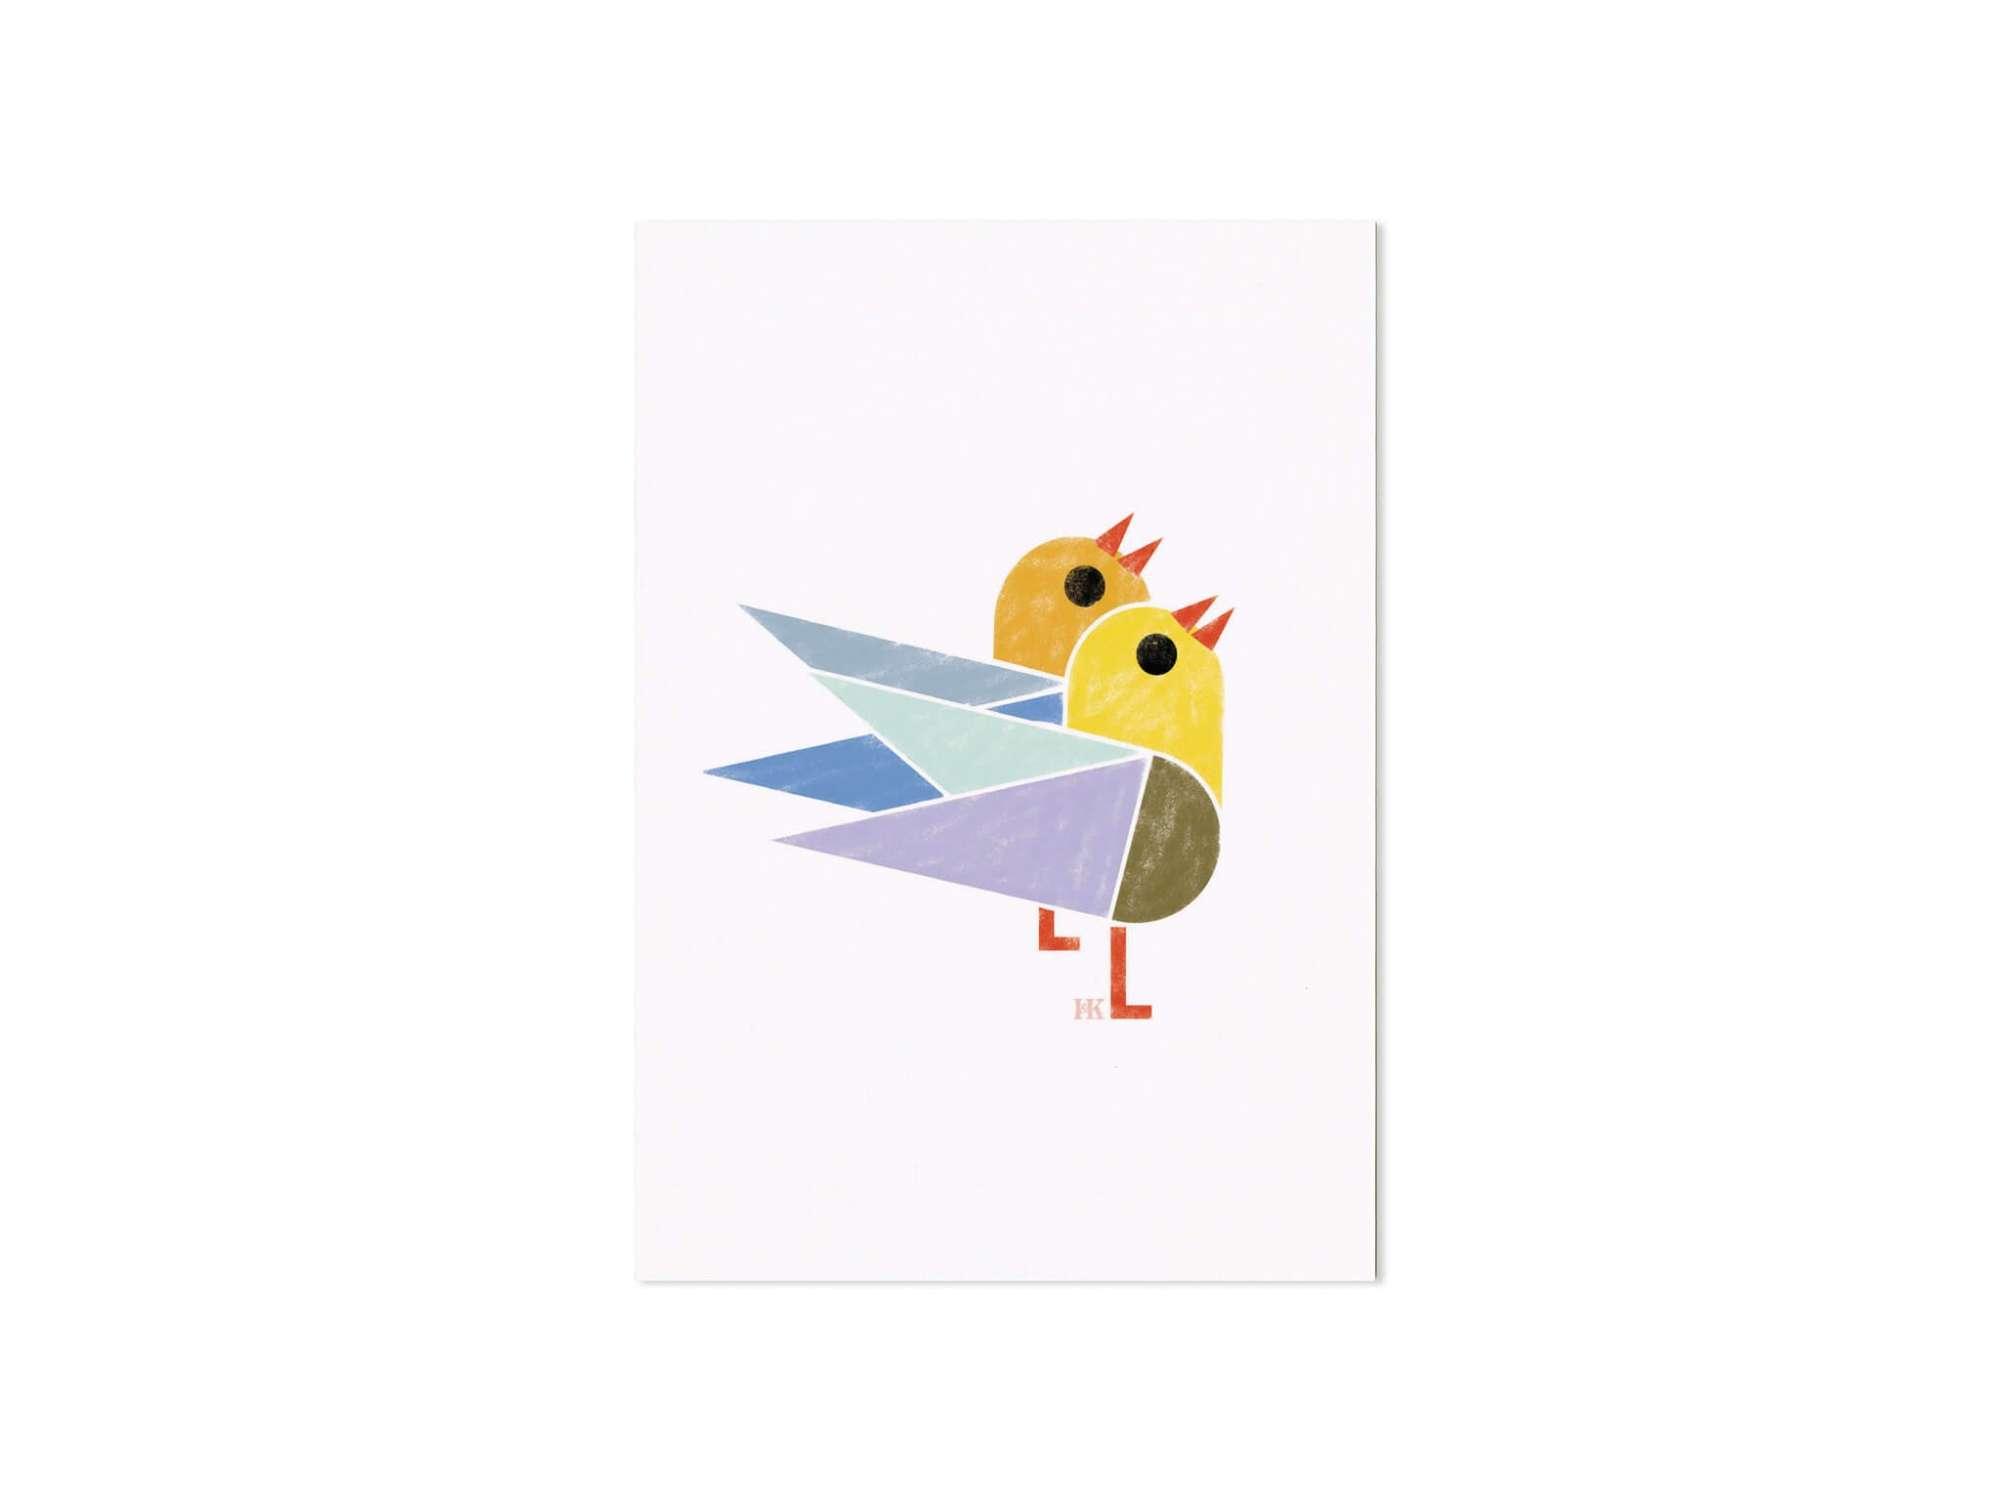 Birdy, de petits oiseaux à envoyer à vos amis, à vos rencontres, à adopter, à faire vivre chez soi, pour soi par Ichetkar.